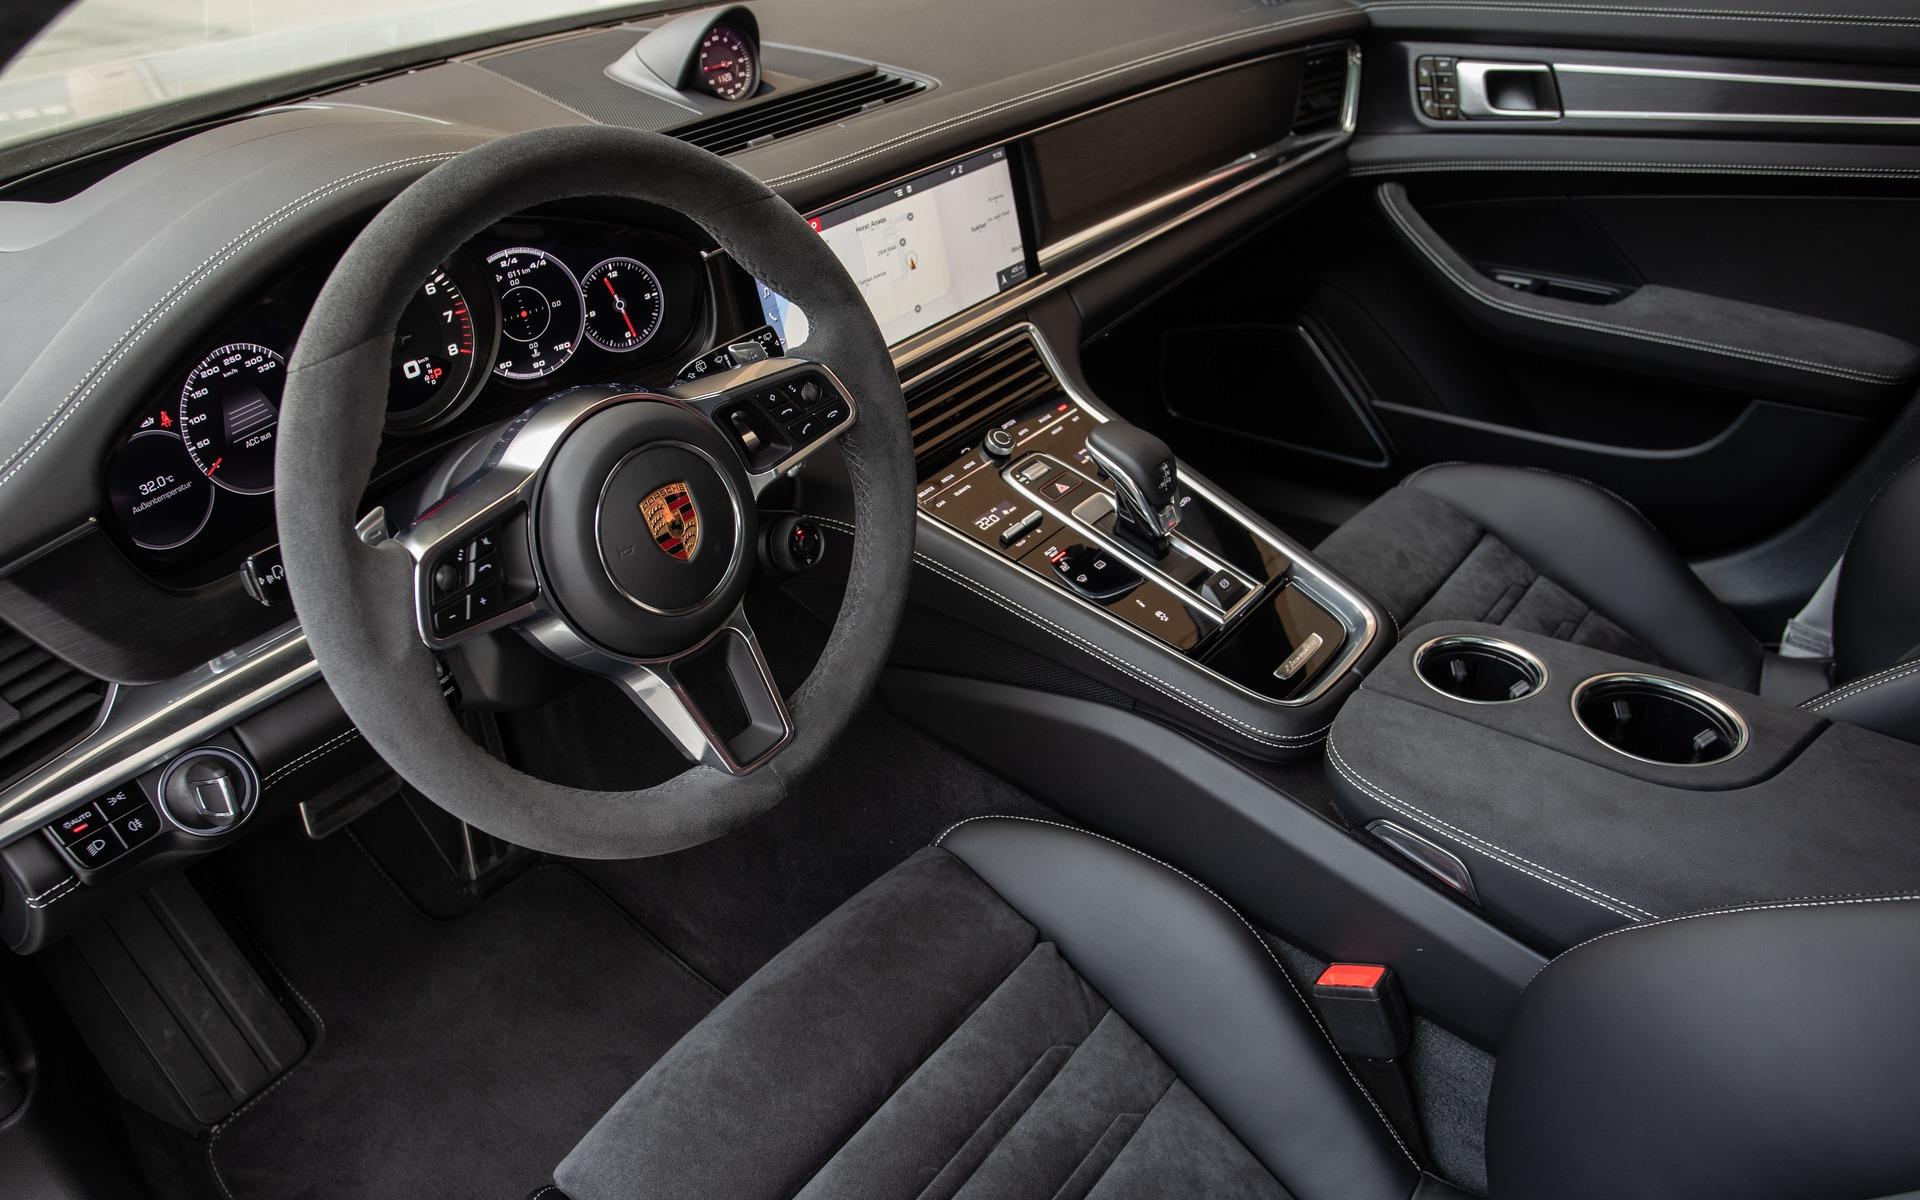 Porsche Panamera GTS 2019 : l'ADN d'une sportive, le luxe en prime 353519_2019_Porsche_Panamera